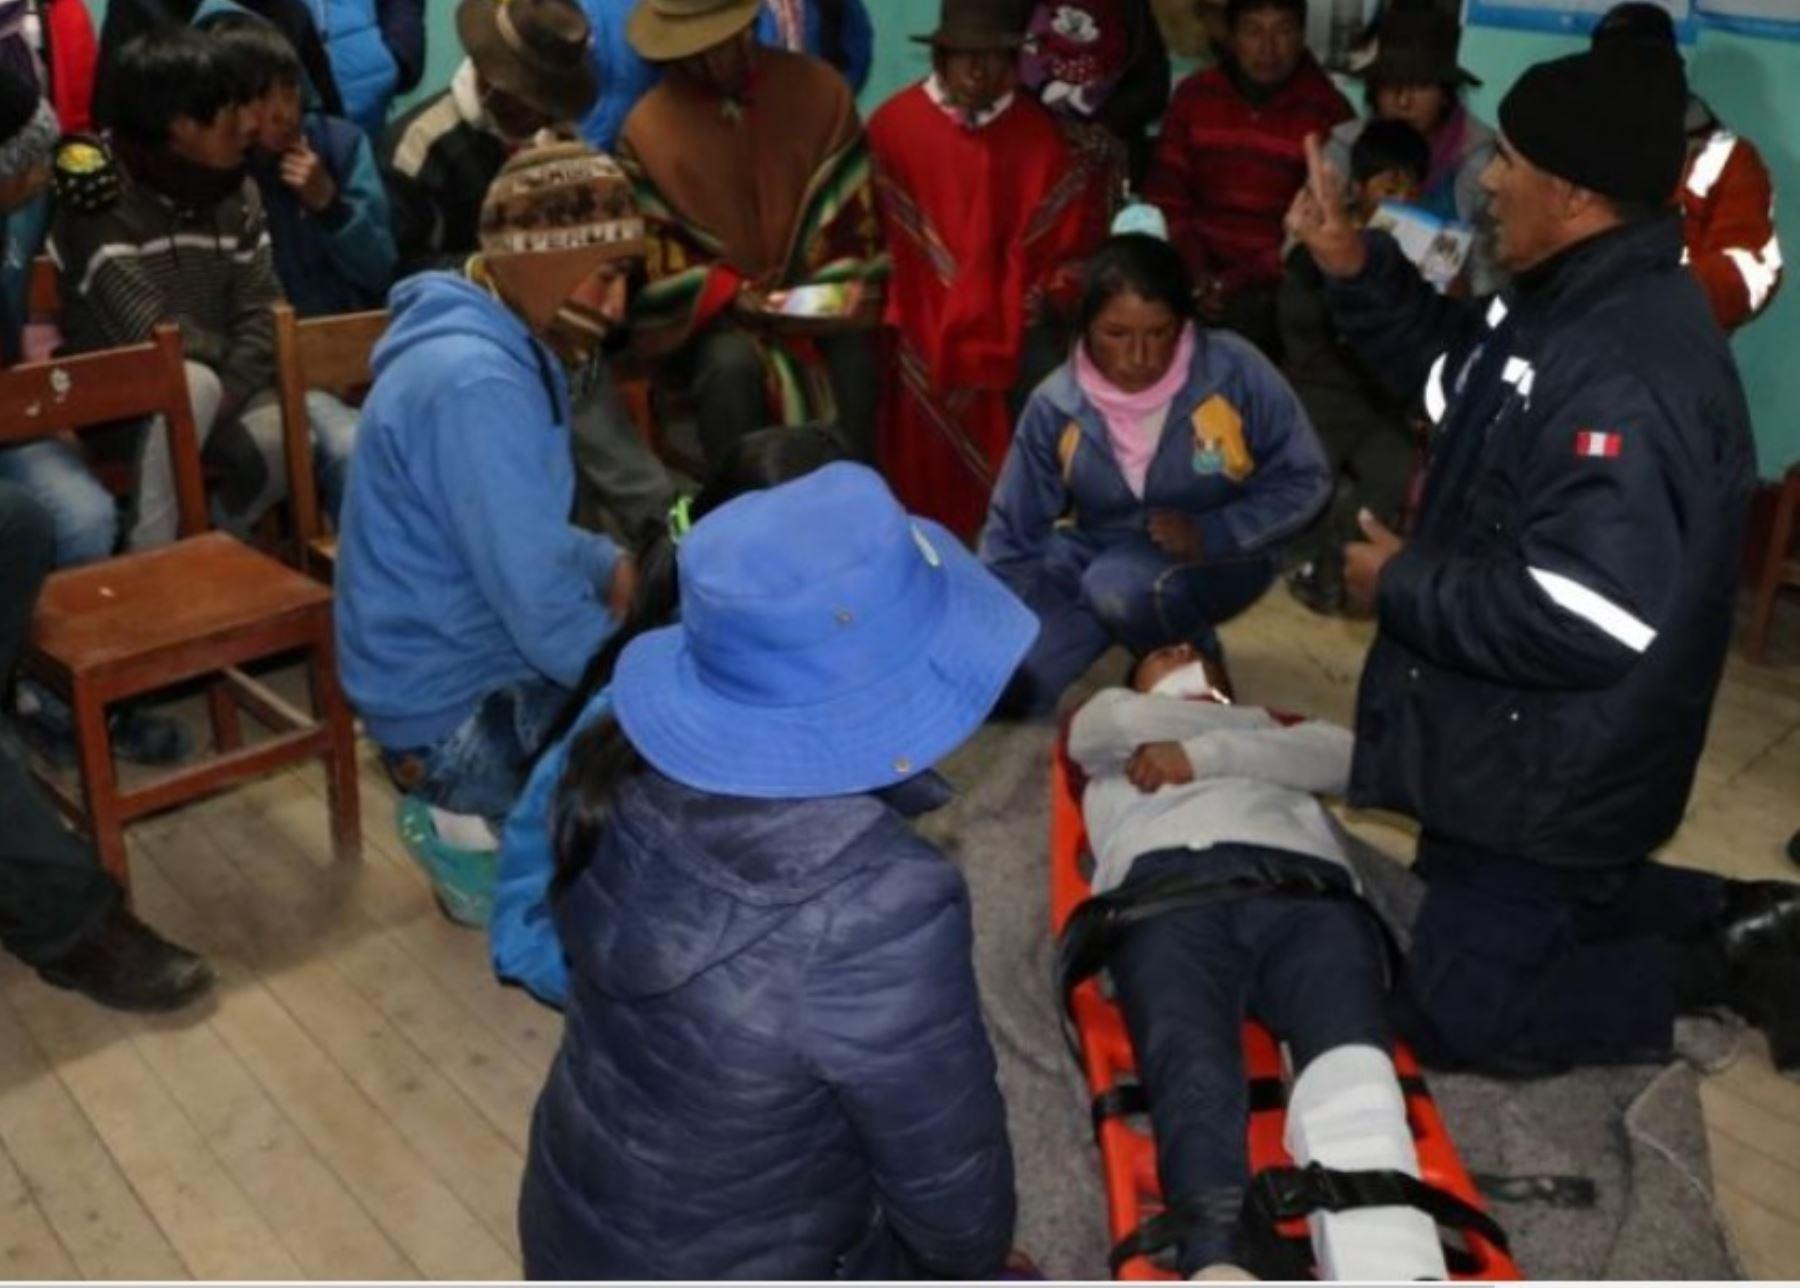 El gobierno regional de Ayacucho, a través de la Subgerencia de Defensa Civil, realizó la capacitación de brigadas comunitarias en la localidad de Pampamarca, provincia de Parinacochas, para la atención frente a emergencias y rehabilitación.